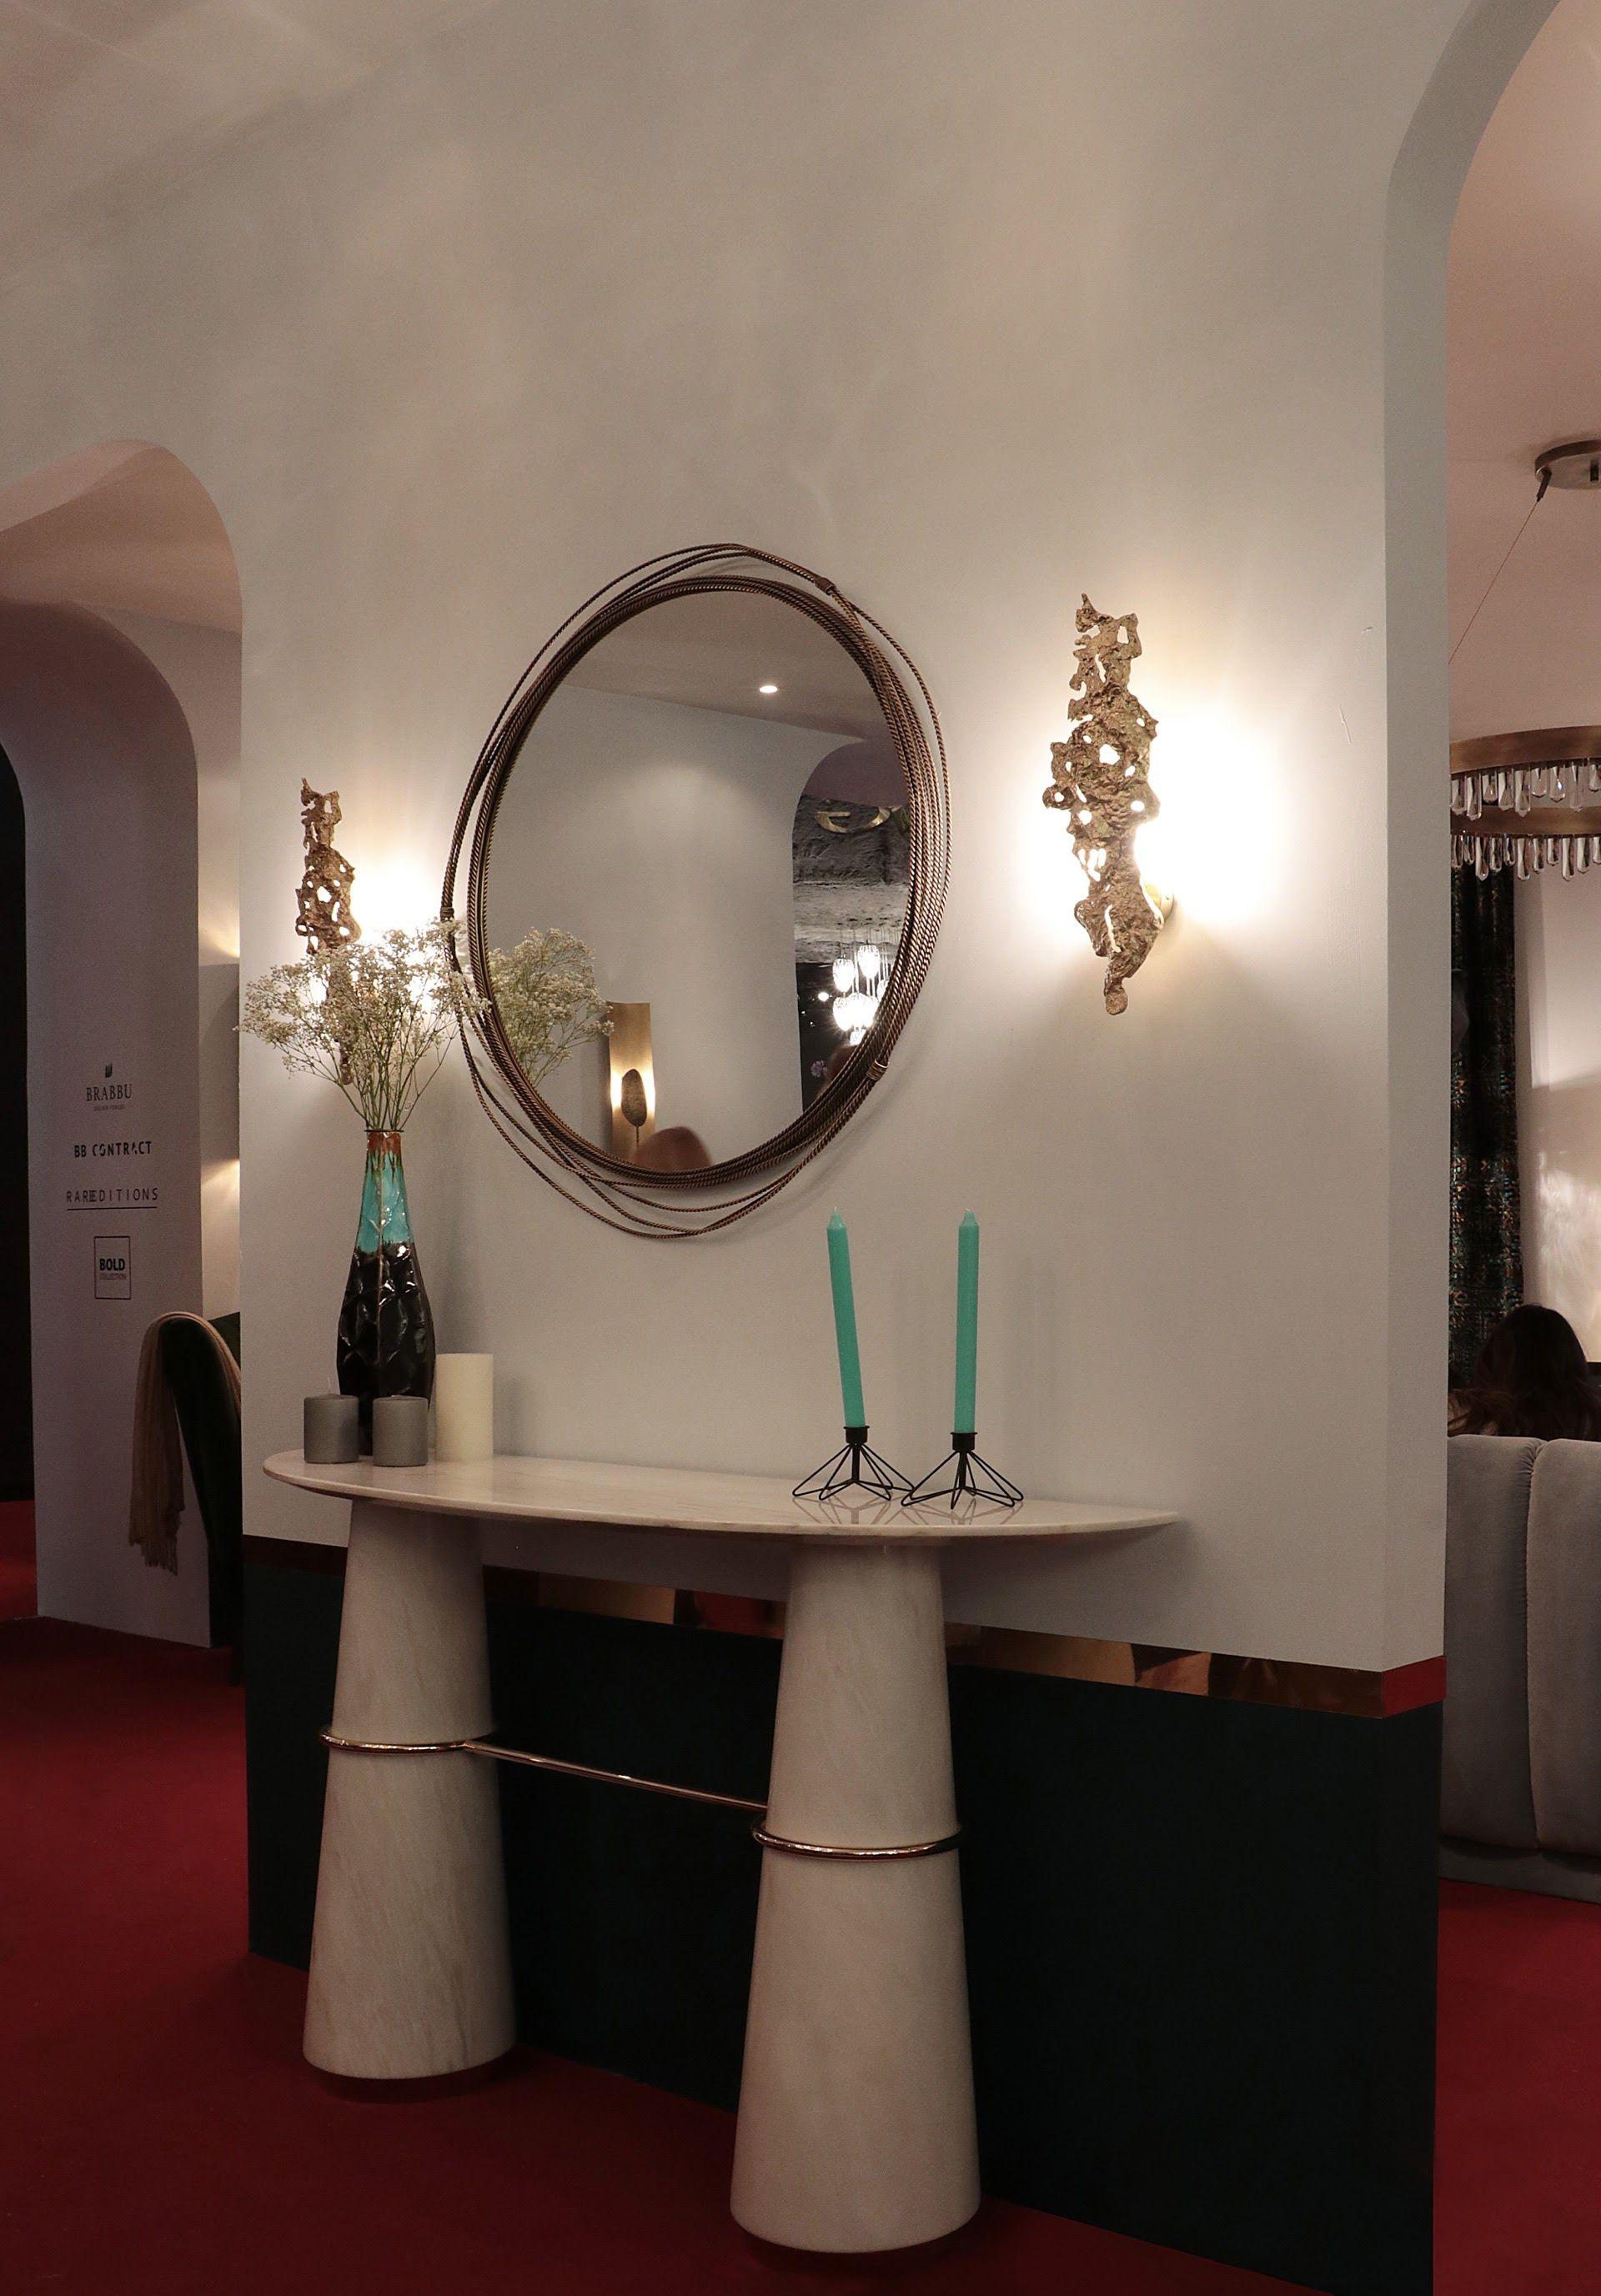 pantone farben einrichtungsideen minimalismus design. Black Bedroom Furniture Sets. Home Design Ideas